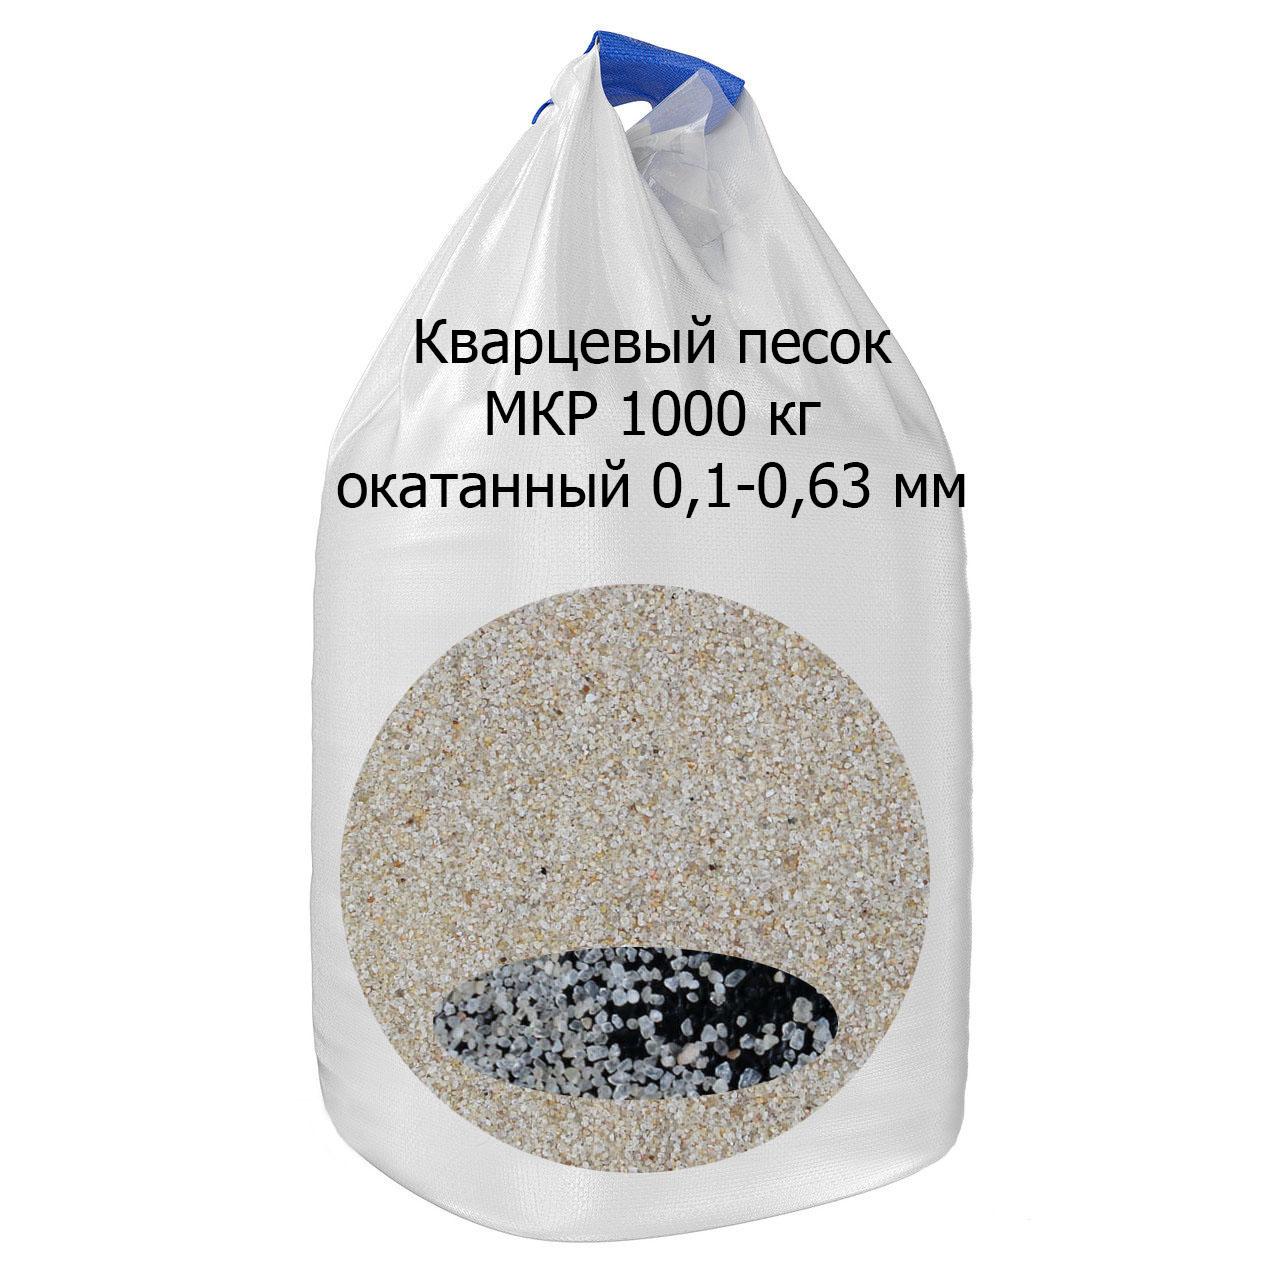 Песок кварцевый 0,1-0,63  в МКР (биг-бэг) 1000 кг